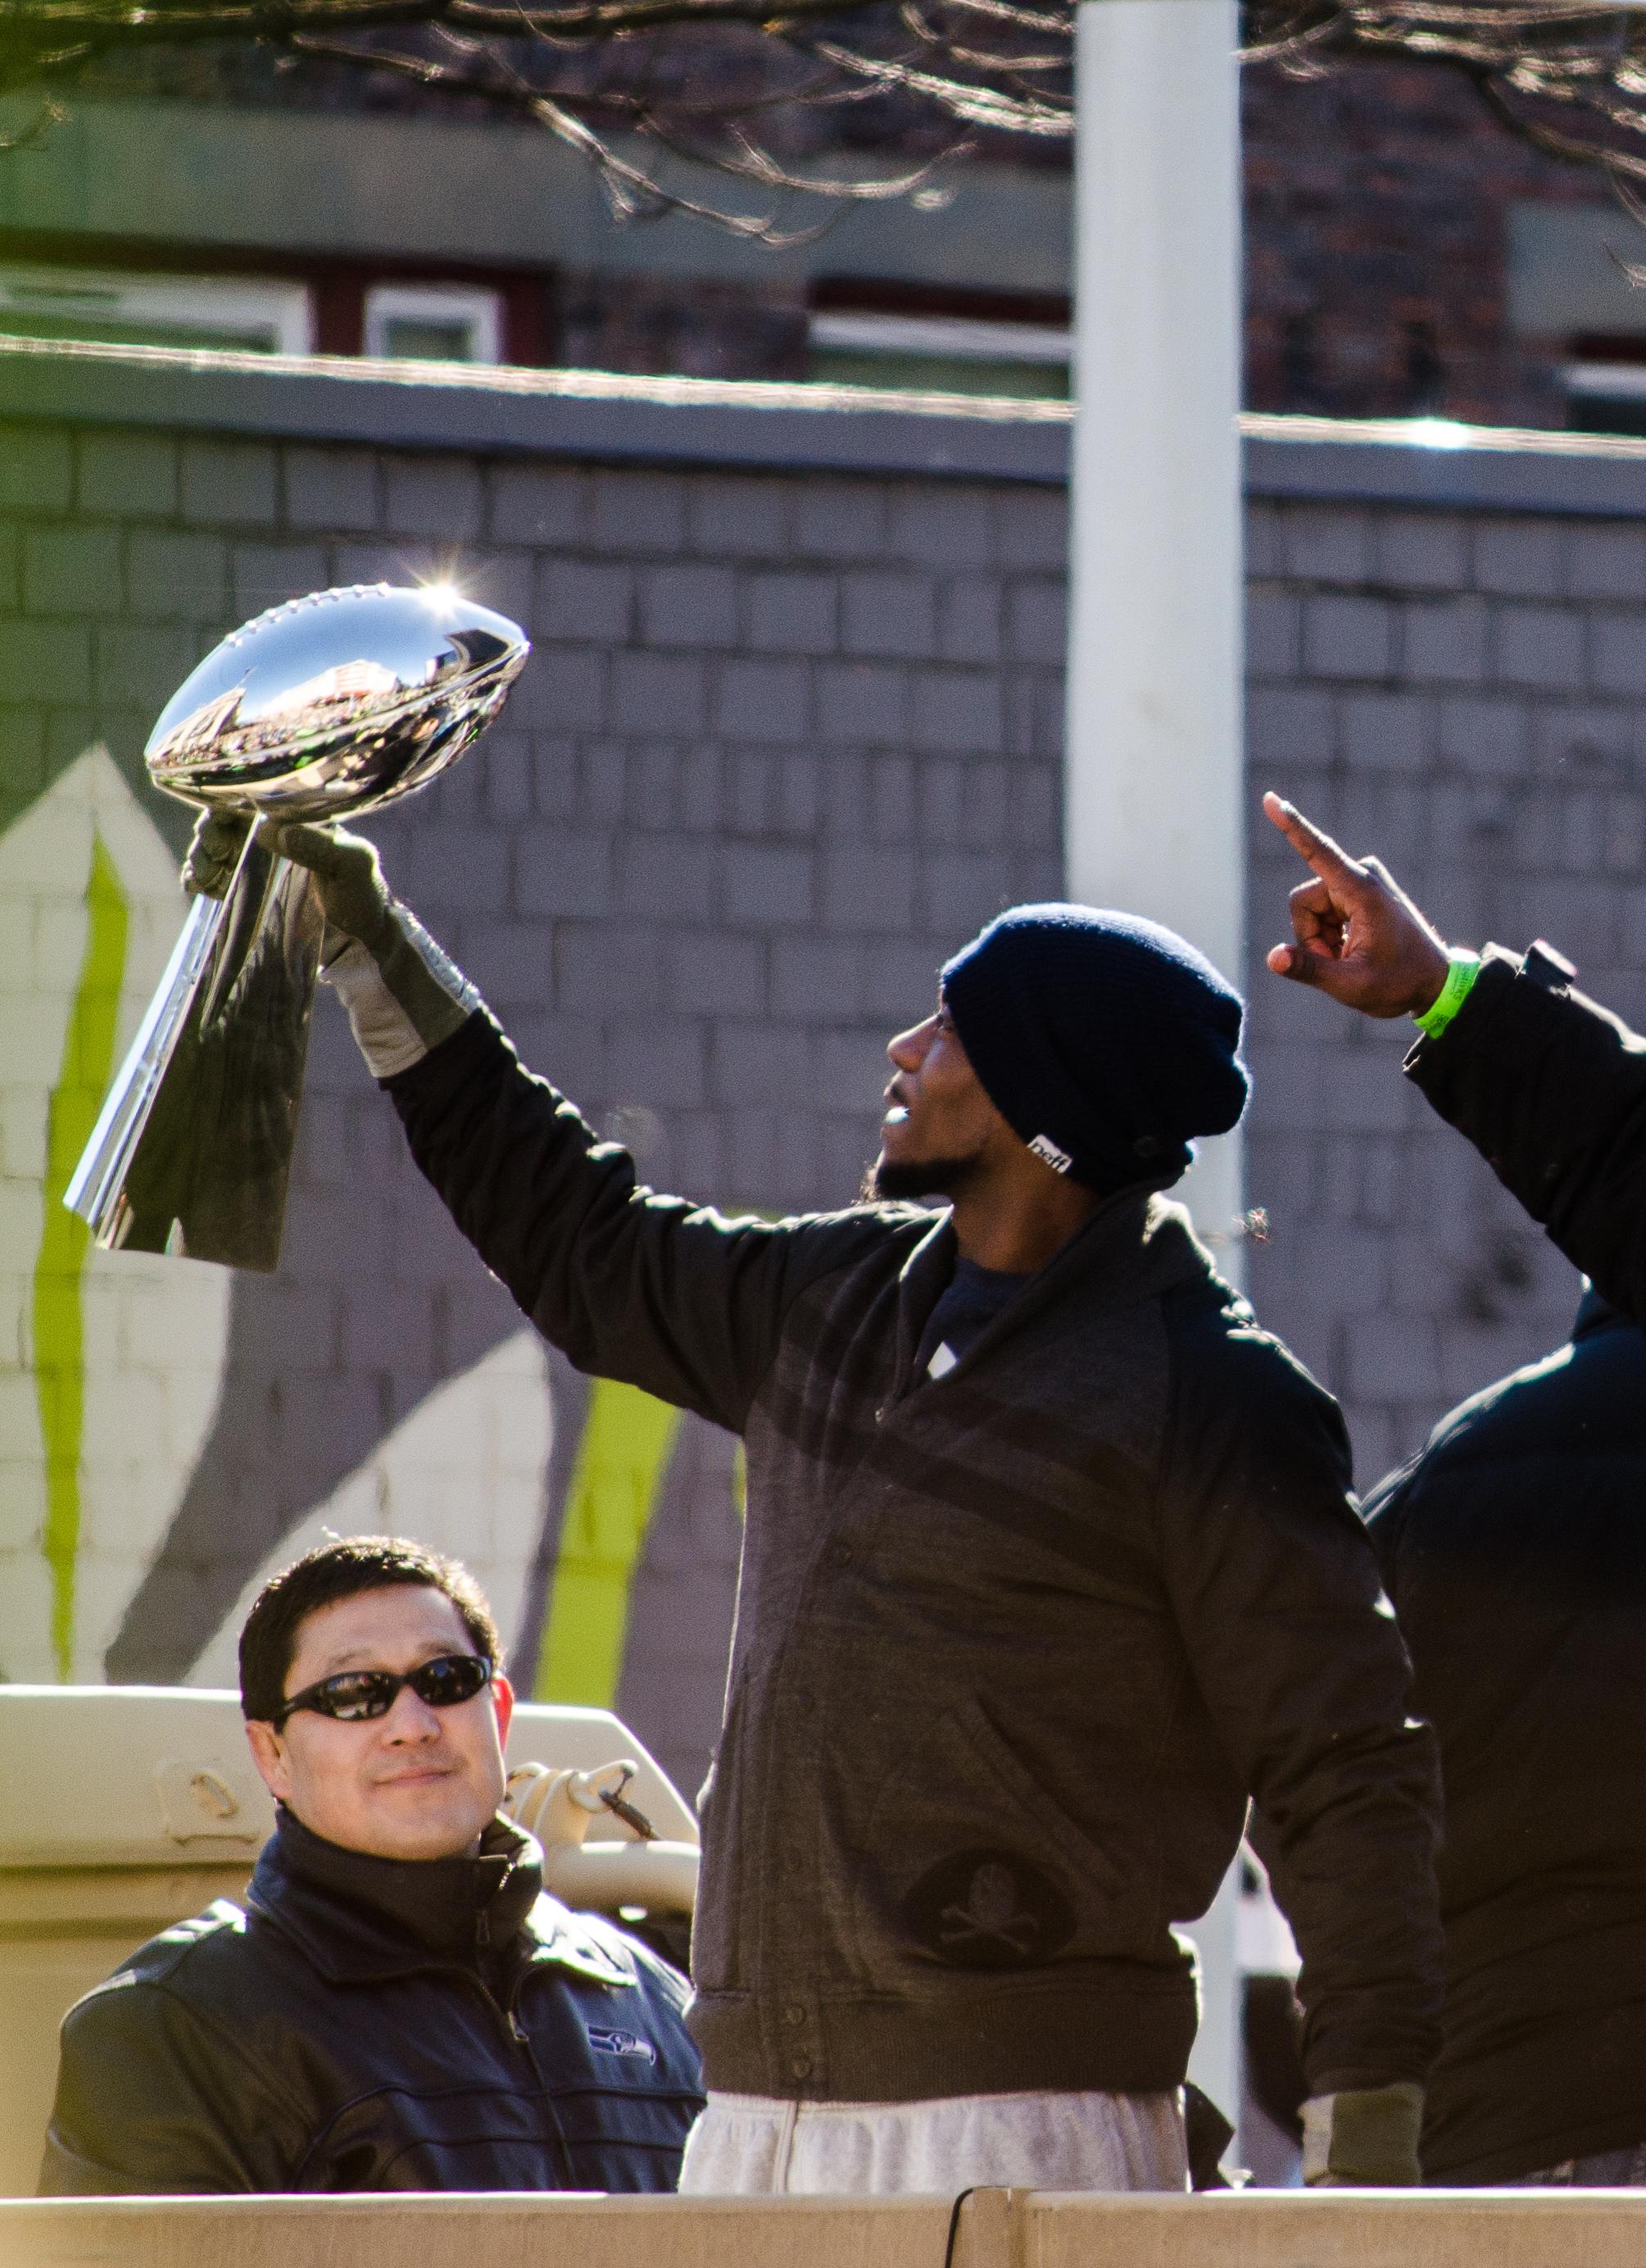 FileSeahawks Lombardy Trophy